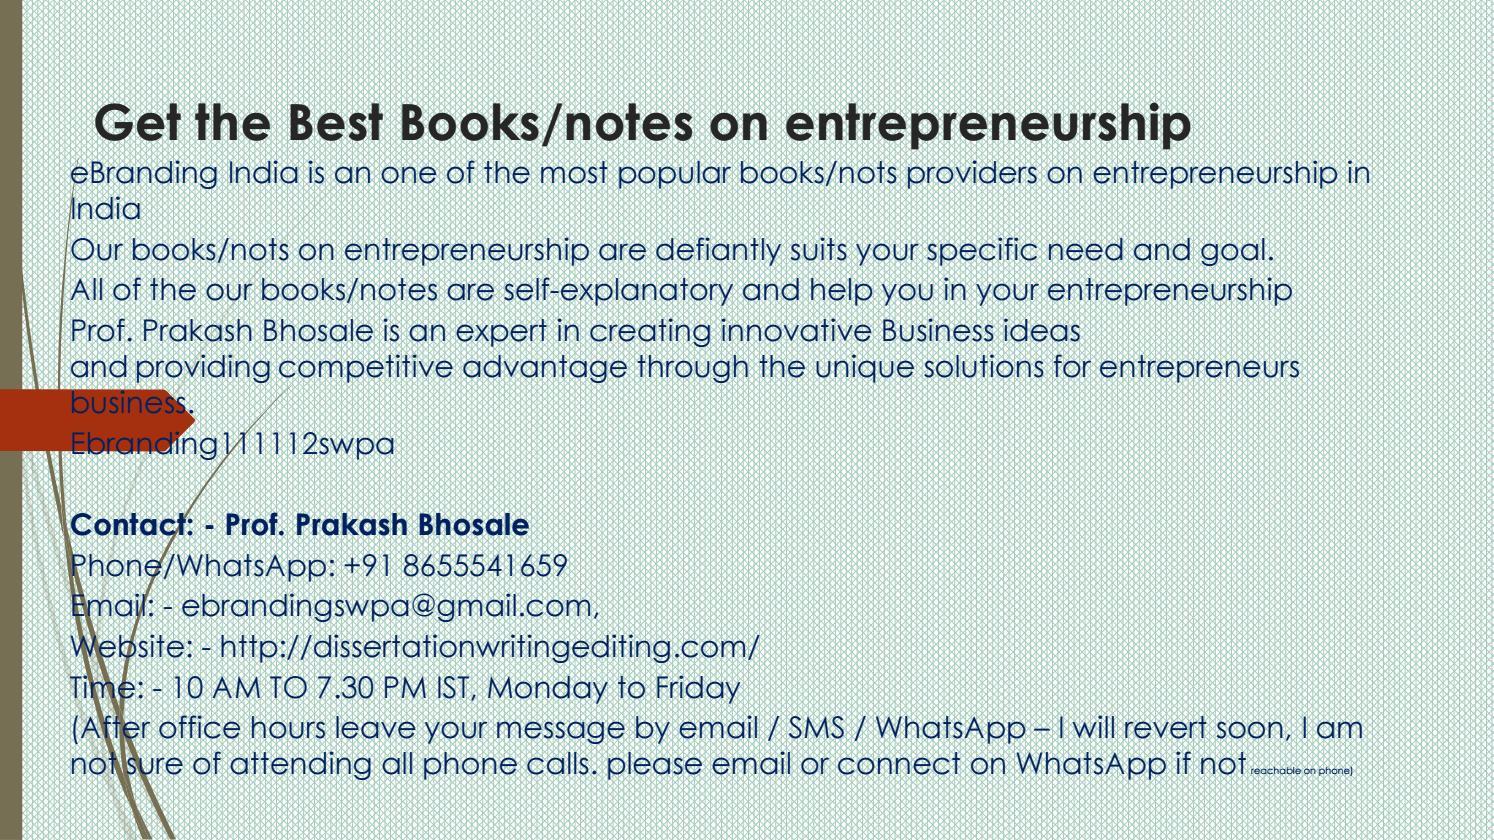 Books Notes On Entrepreneurship Ads 7 3 17 By Prakash Bhosale Issuu